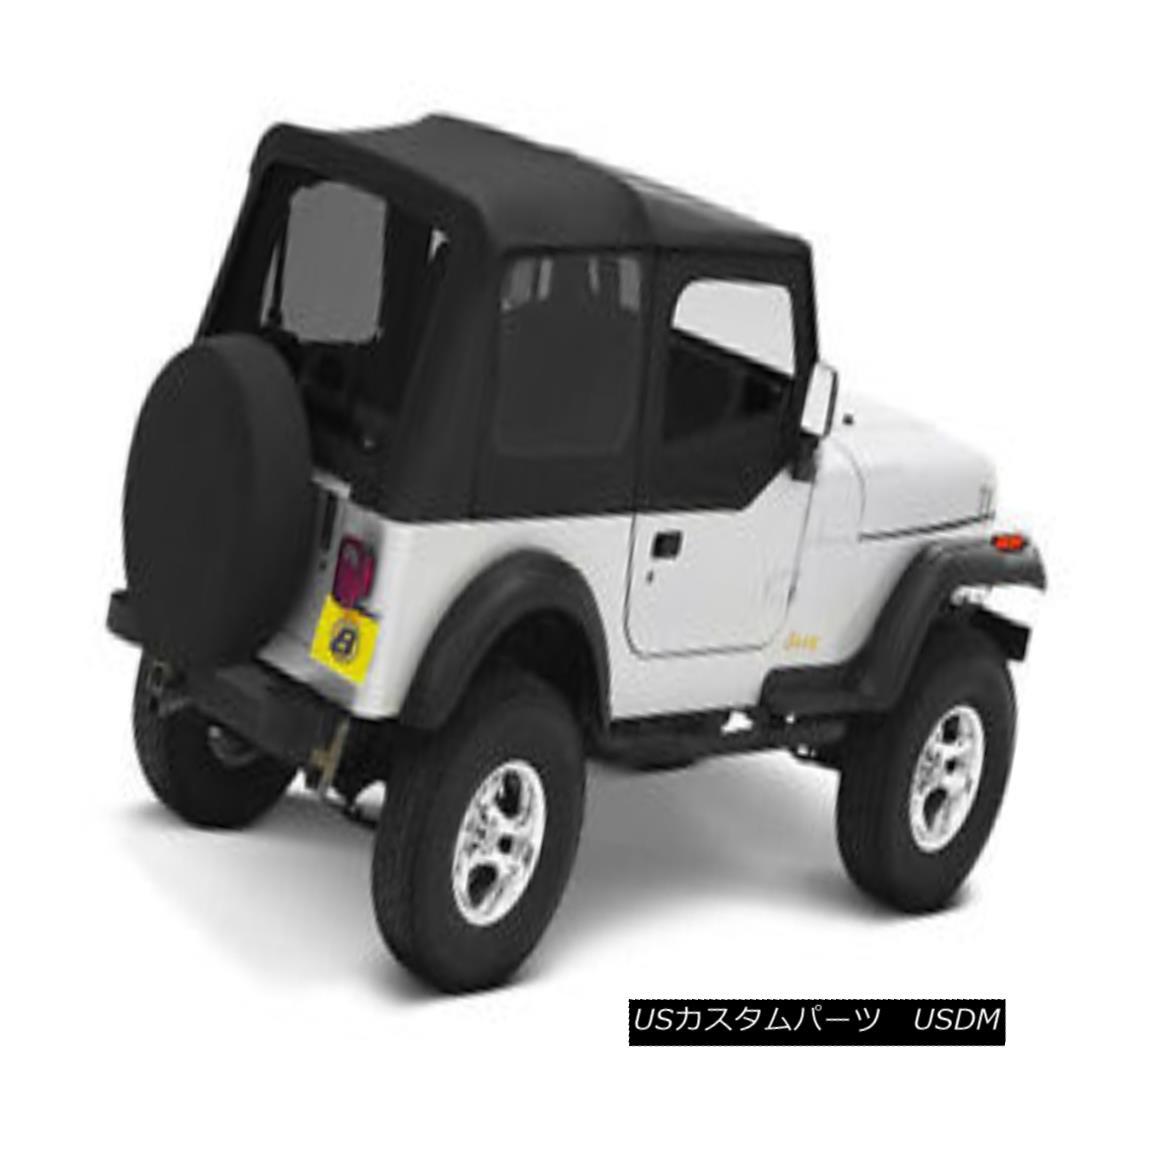 幌・ソフトトップ Bestop Replace A Top 88-95 Jeep Wrangler YJ Clear Half Door Skins Black Denim ベストトップ交換88-95ジープラングラーYJクリアハーフドアスキンブラックデニム